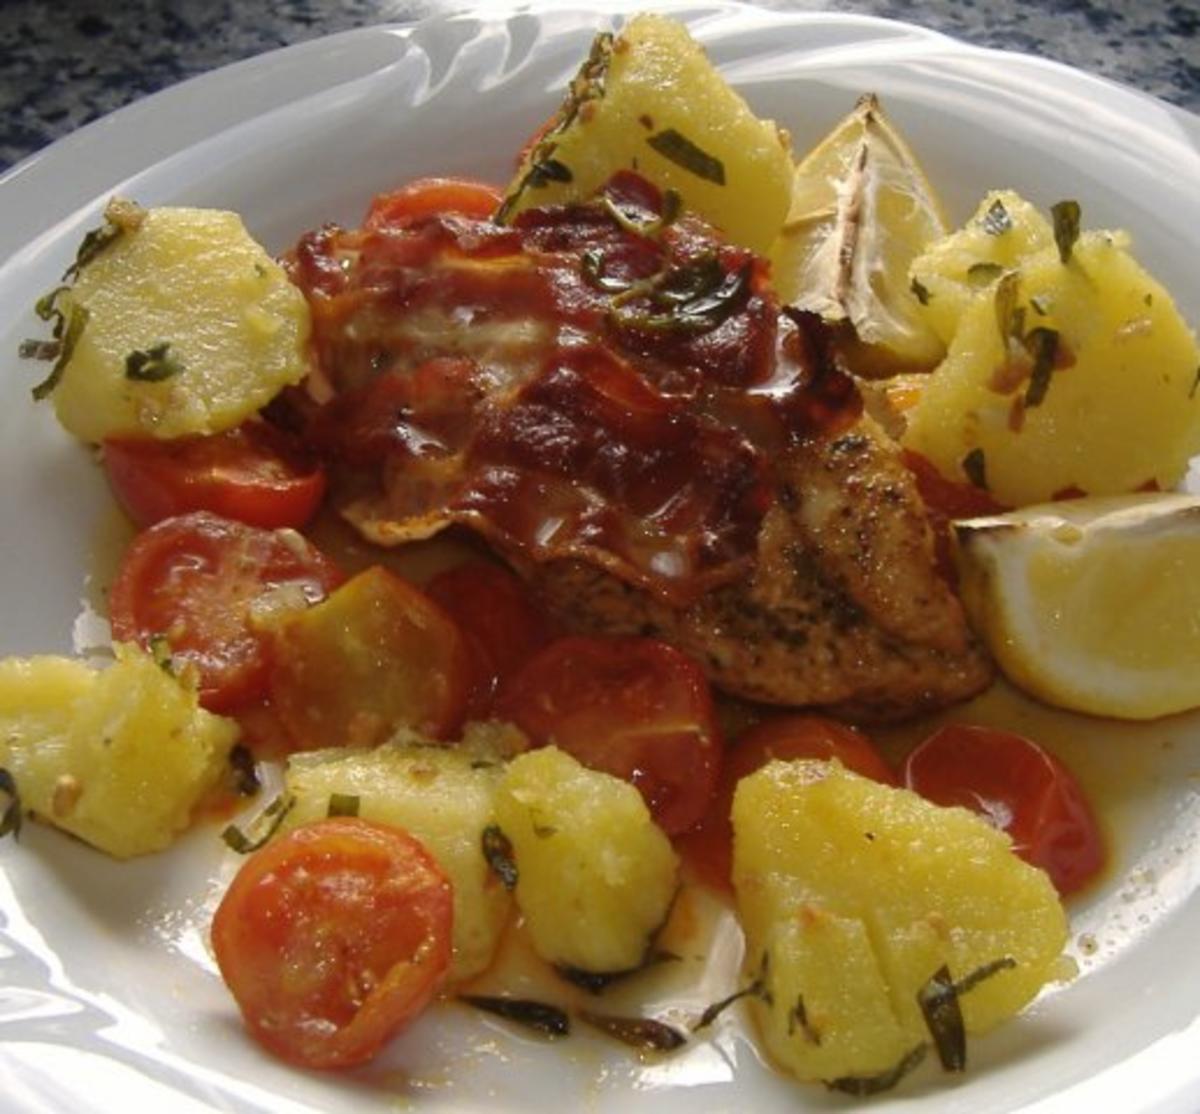 Gebackene Hähnchenbrust mit Speck und Tomaten - Rezept By golfvornholz